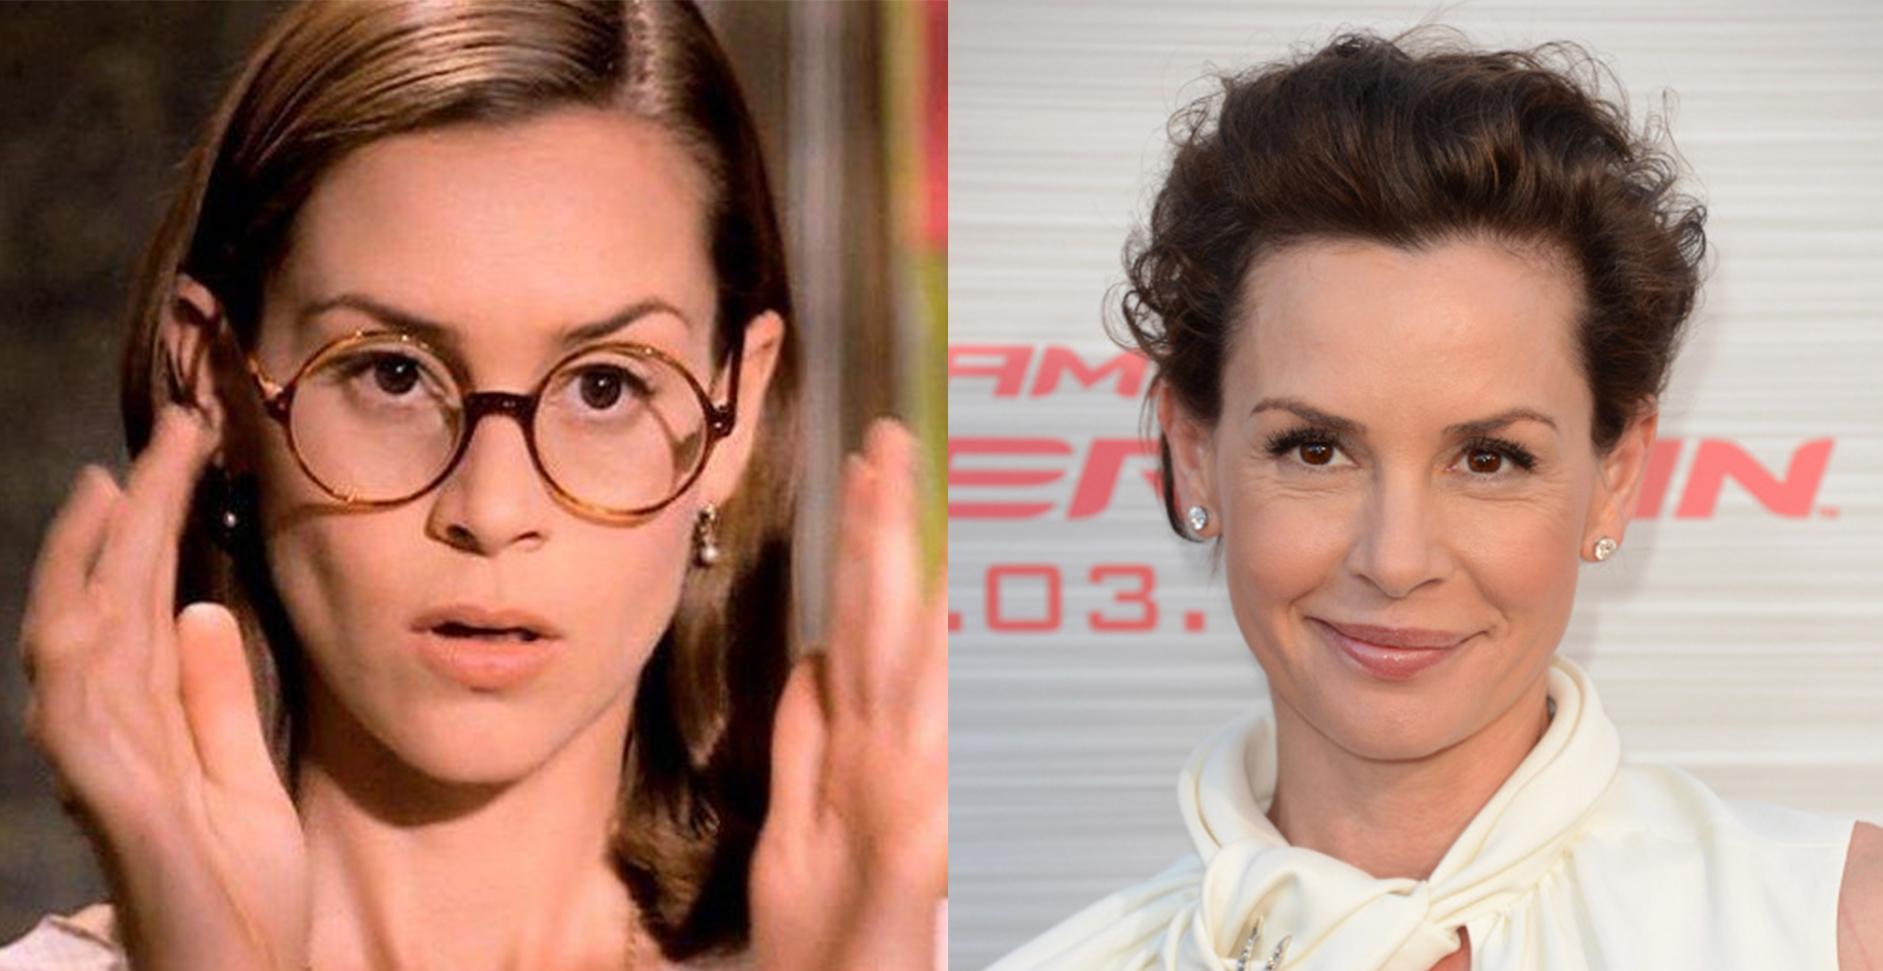 Así es como lucen los personajes de la película Matilda